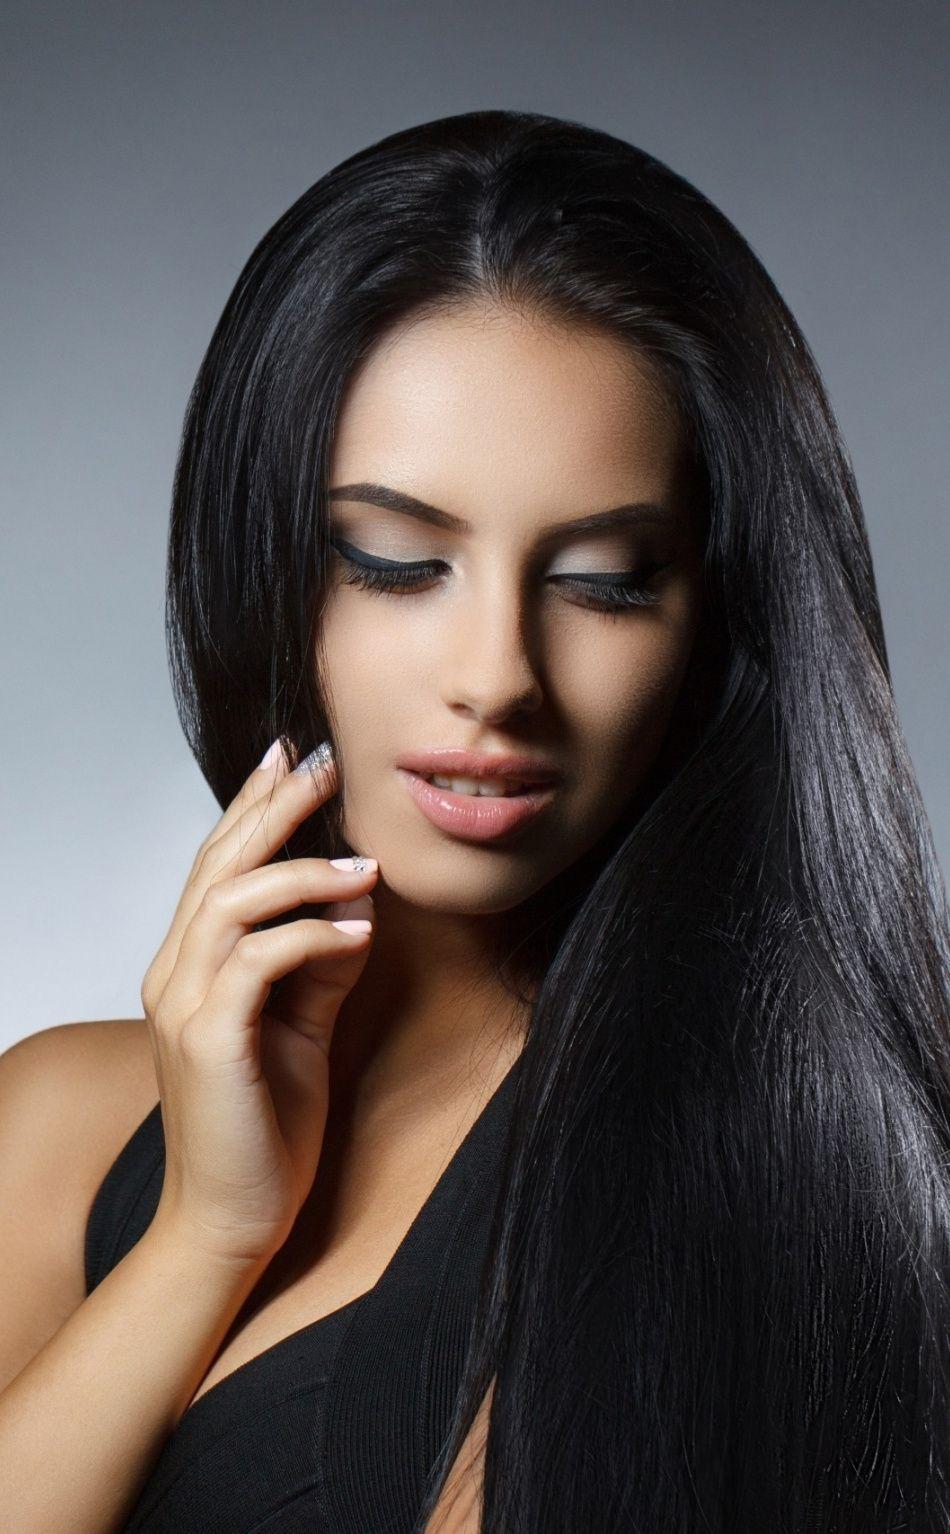 Close Eyes Woman Model Black Hair 950x1534 Wallpaper Black Hair Beautiful Women Faces Woman Face